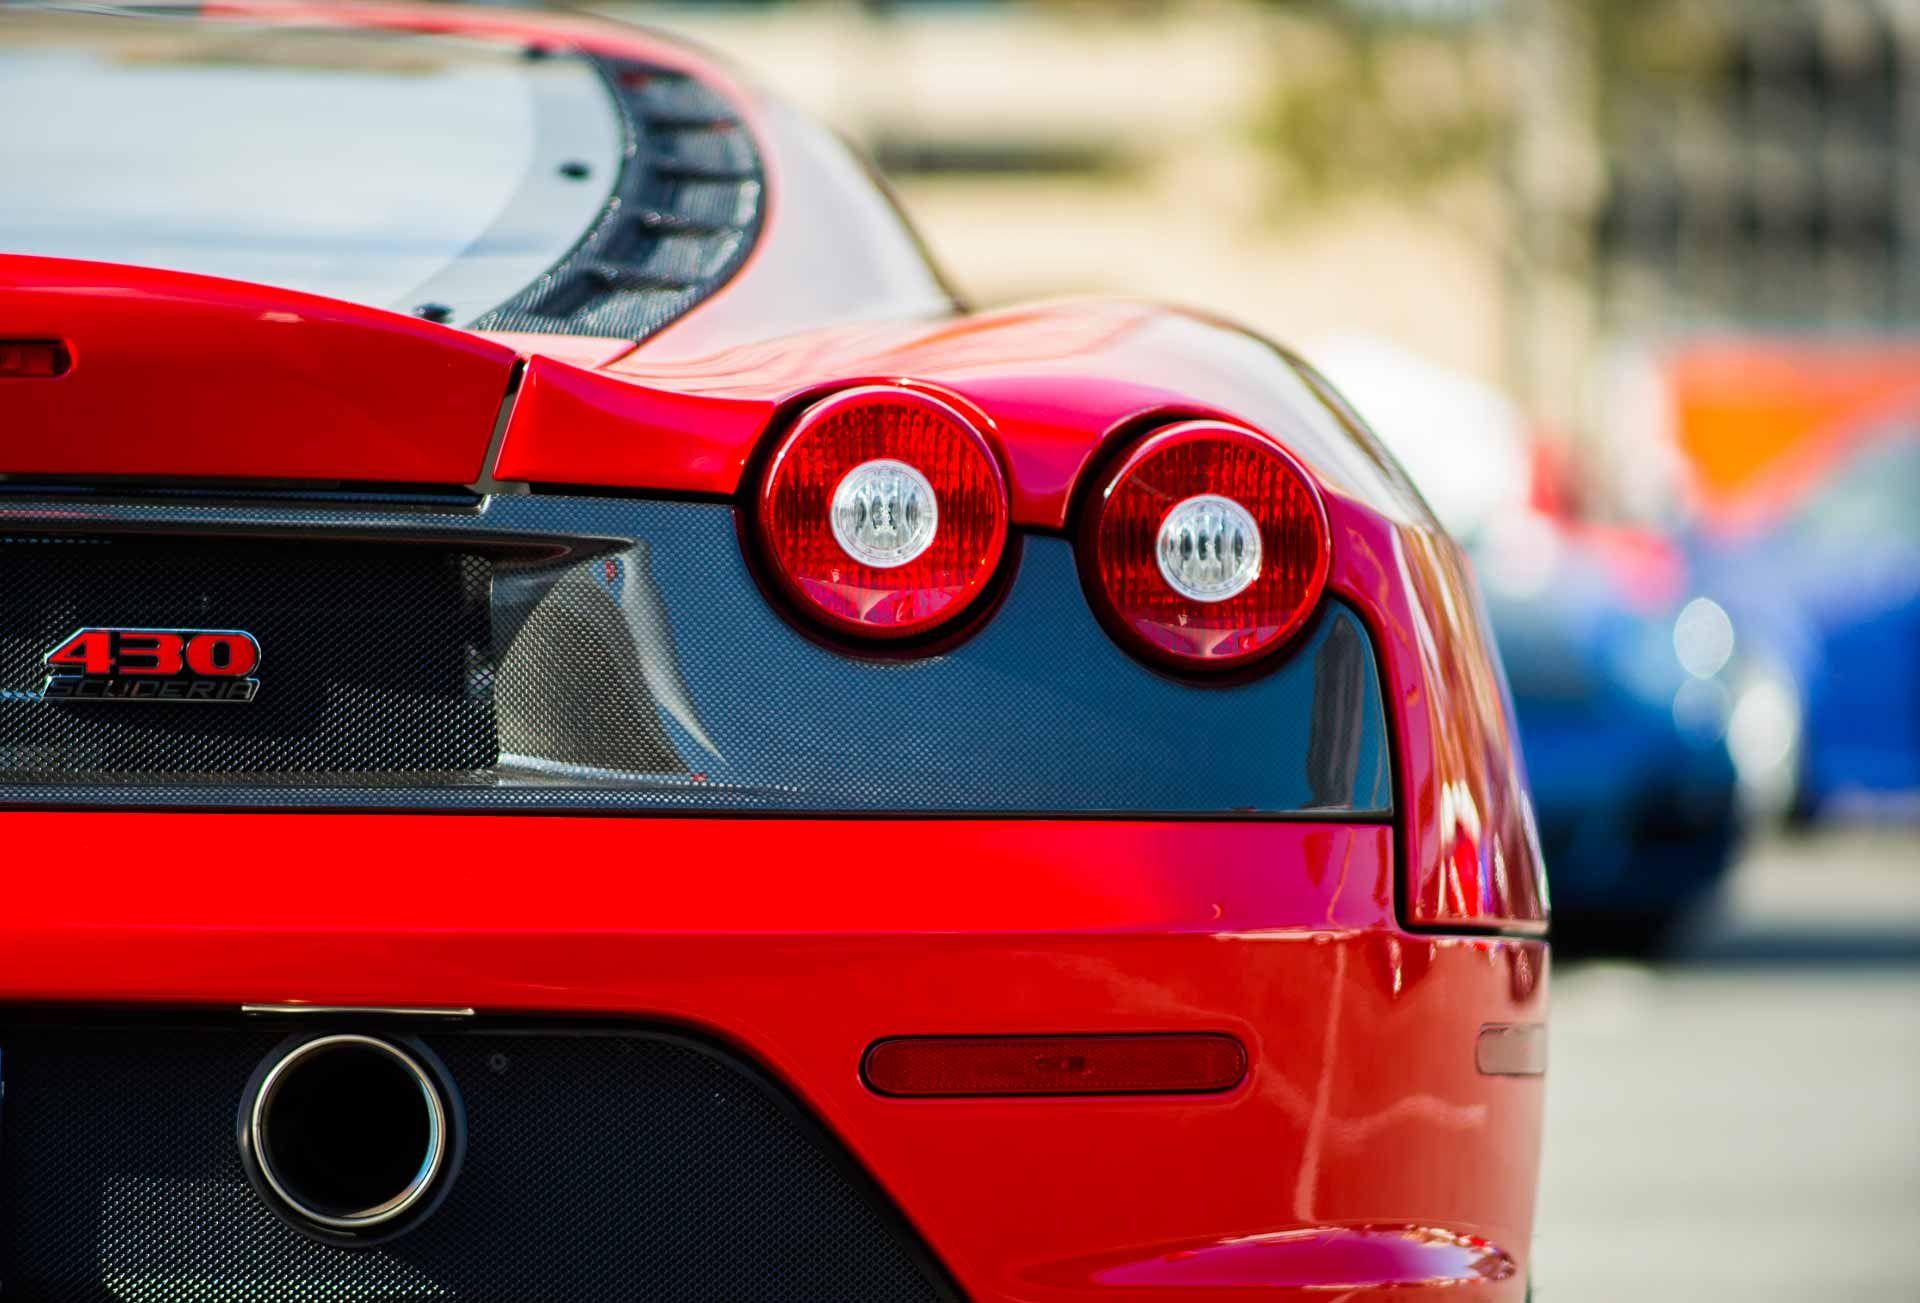 unique close up car photography - Google Search | FMP | Pinterest | Cars